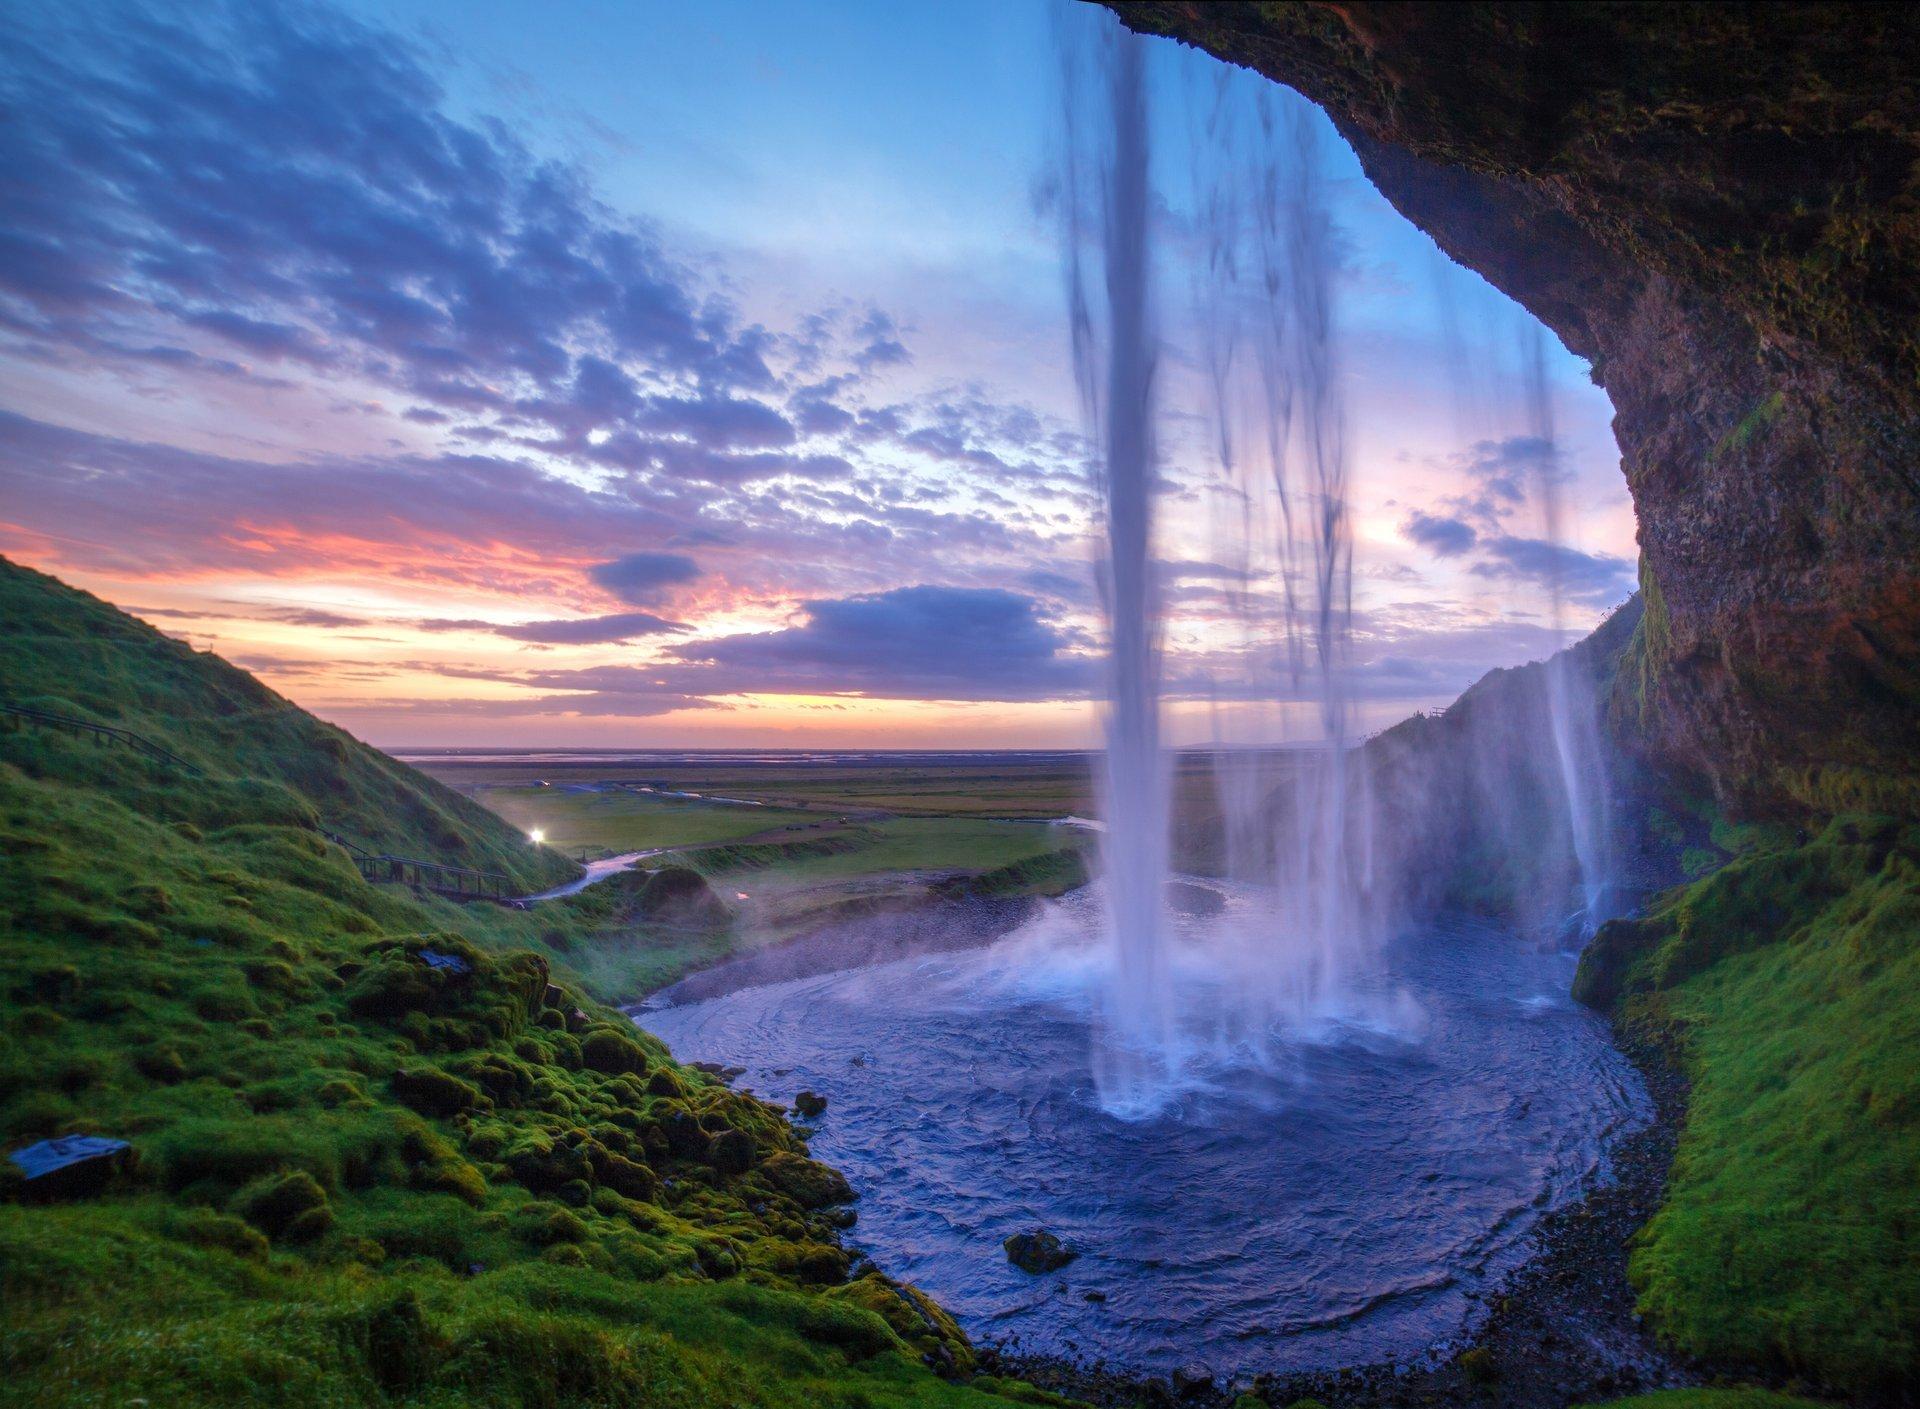 одежда, красивые картинки водопада в хорошем качестве днем республики